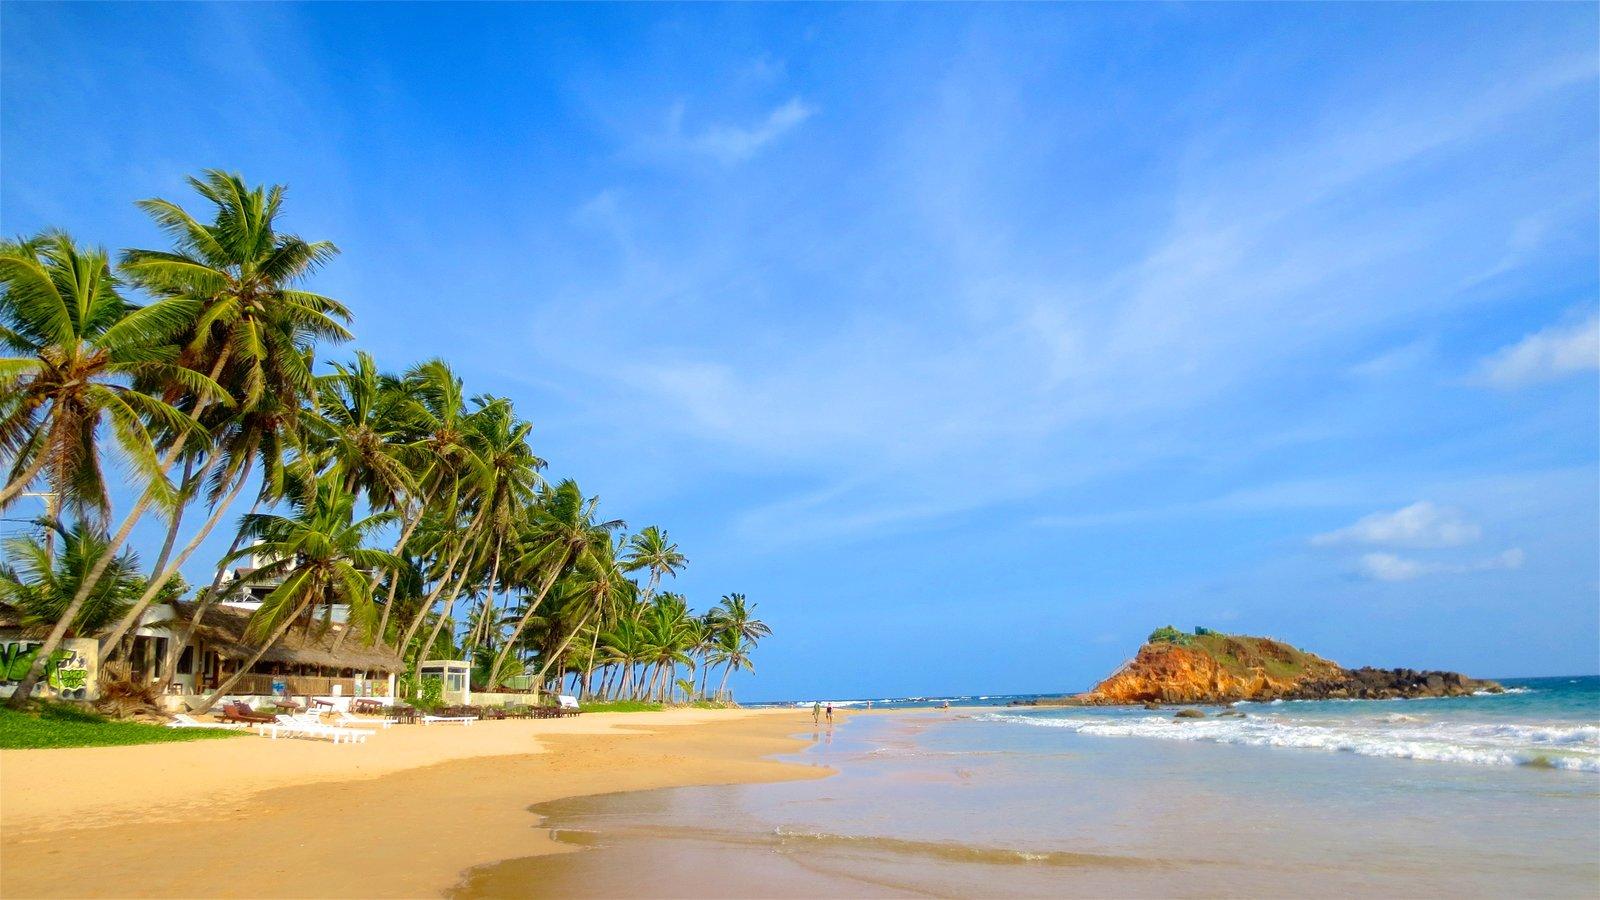 Image result for srilanka hd images